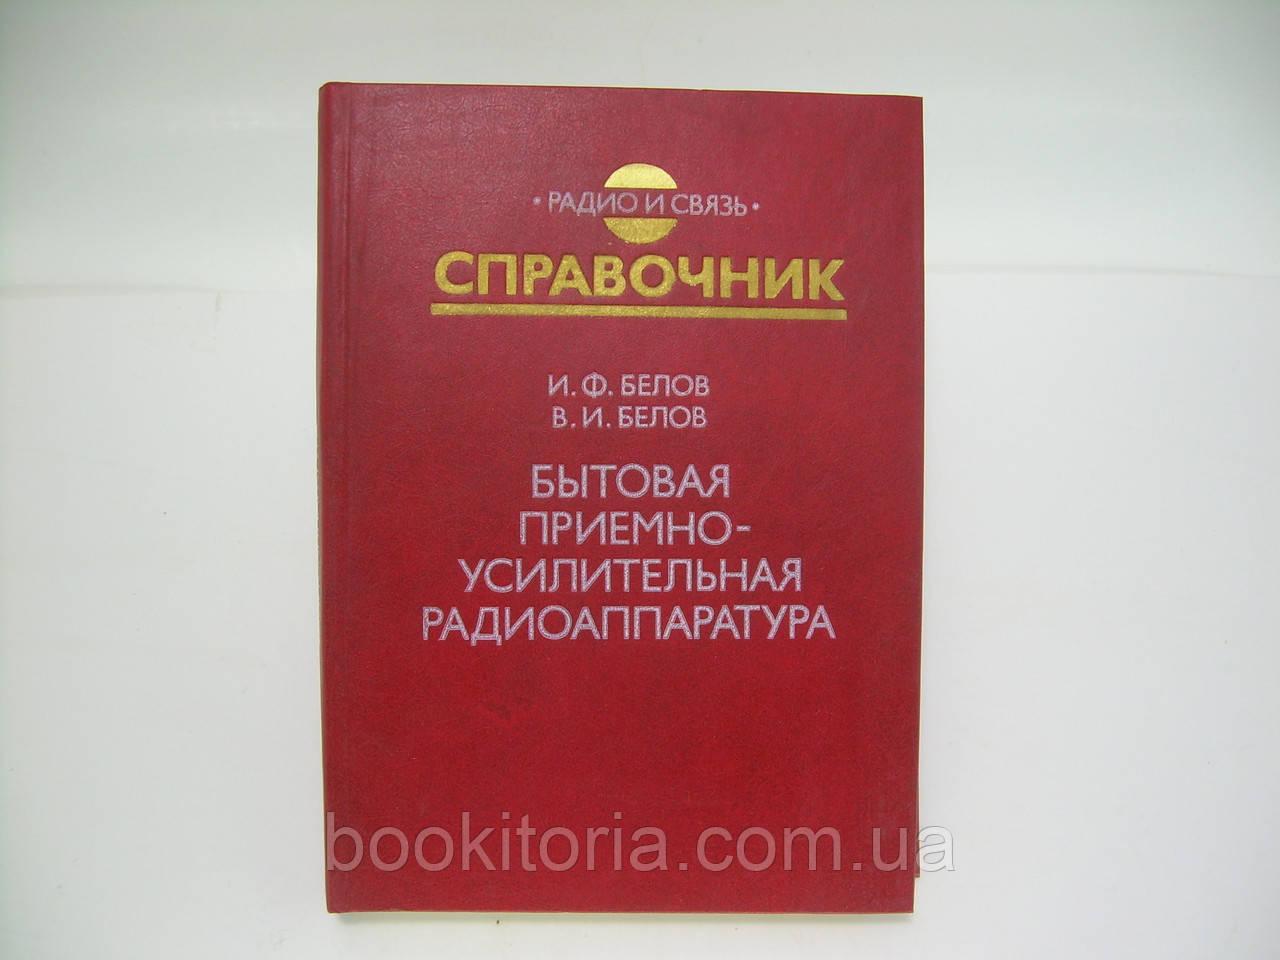 Белов И.Ф., Белов В.И. Бытовая приемно-усилительная радиоаппаратура (б/у).